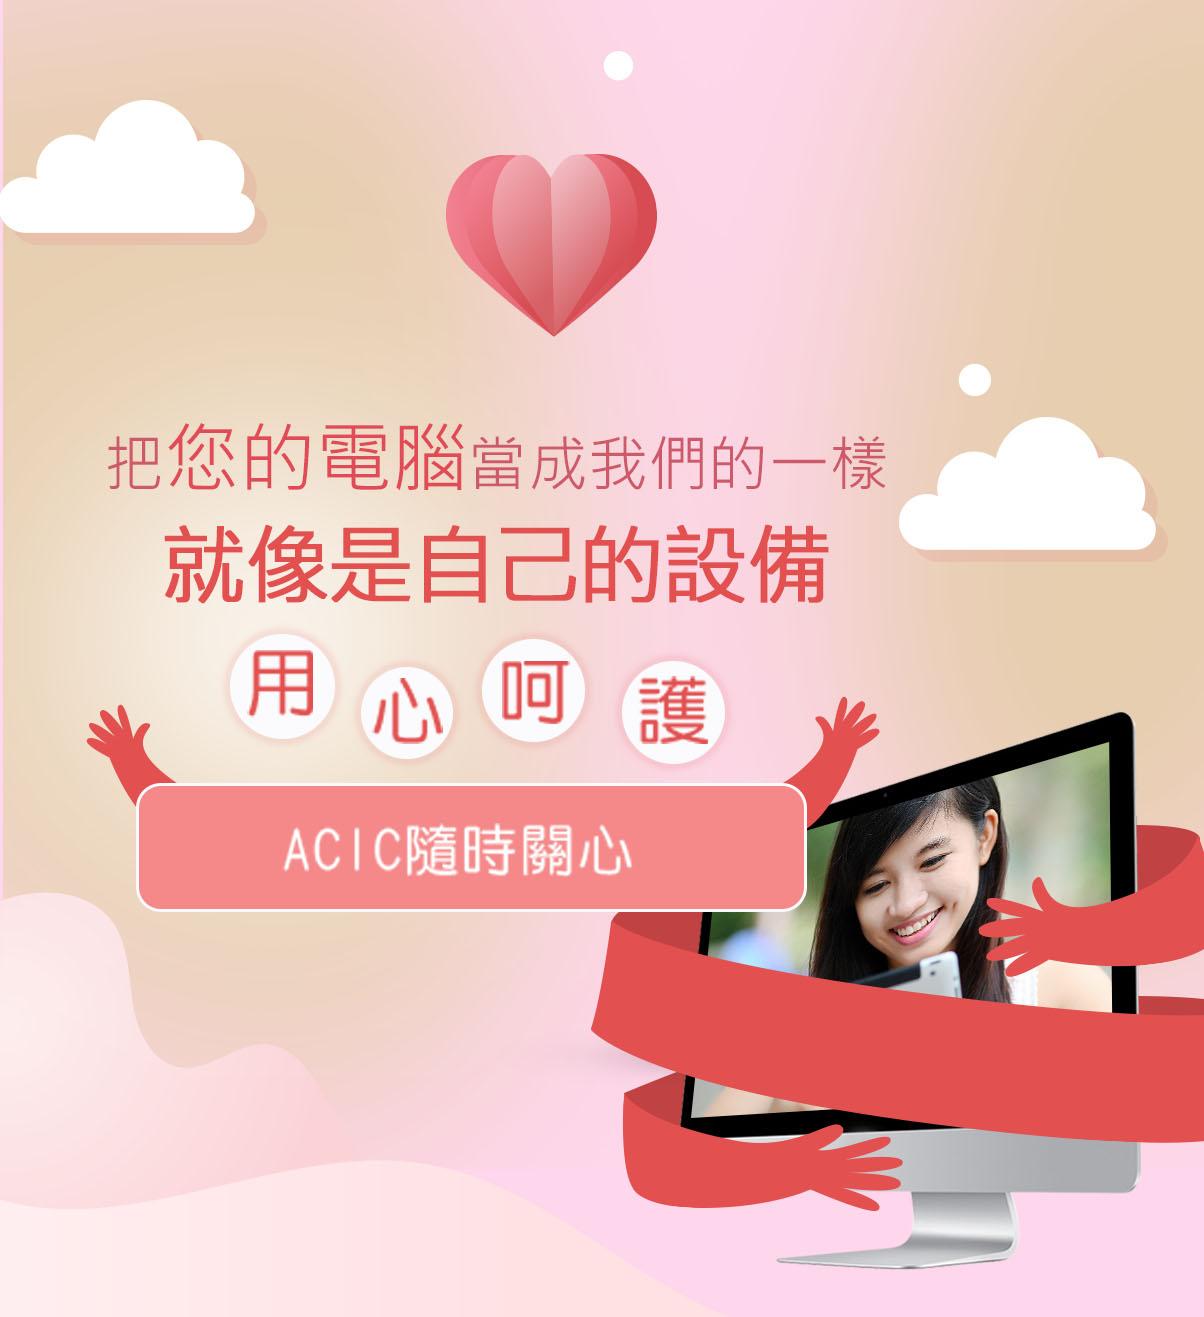 acic-03